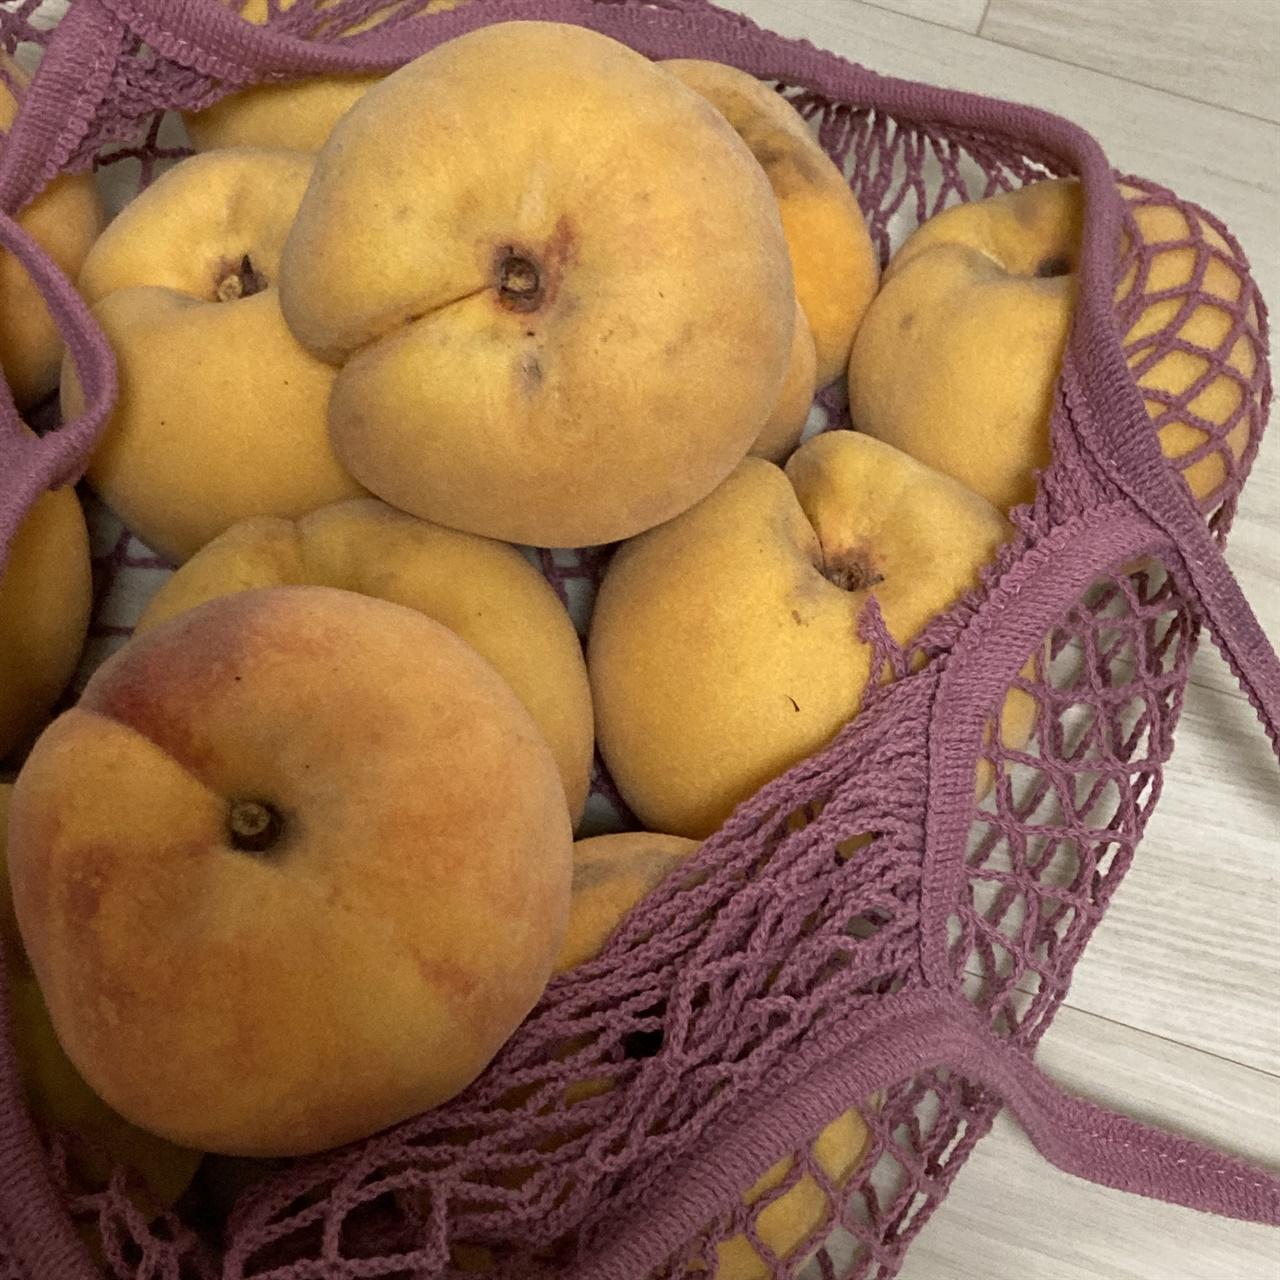 친환경 네트 백에 한가득 담아온 양홍장 복숭아